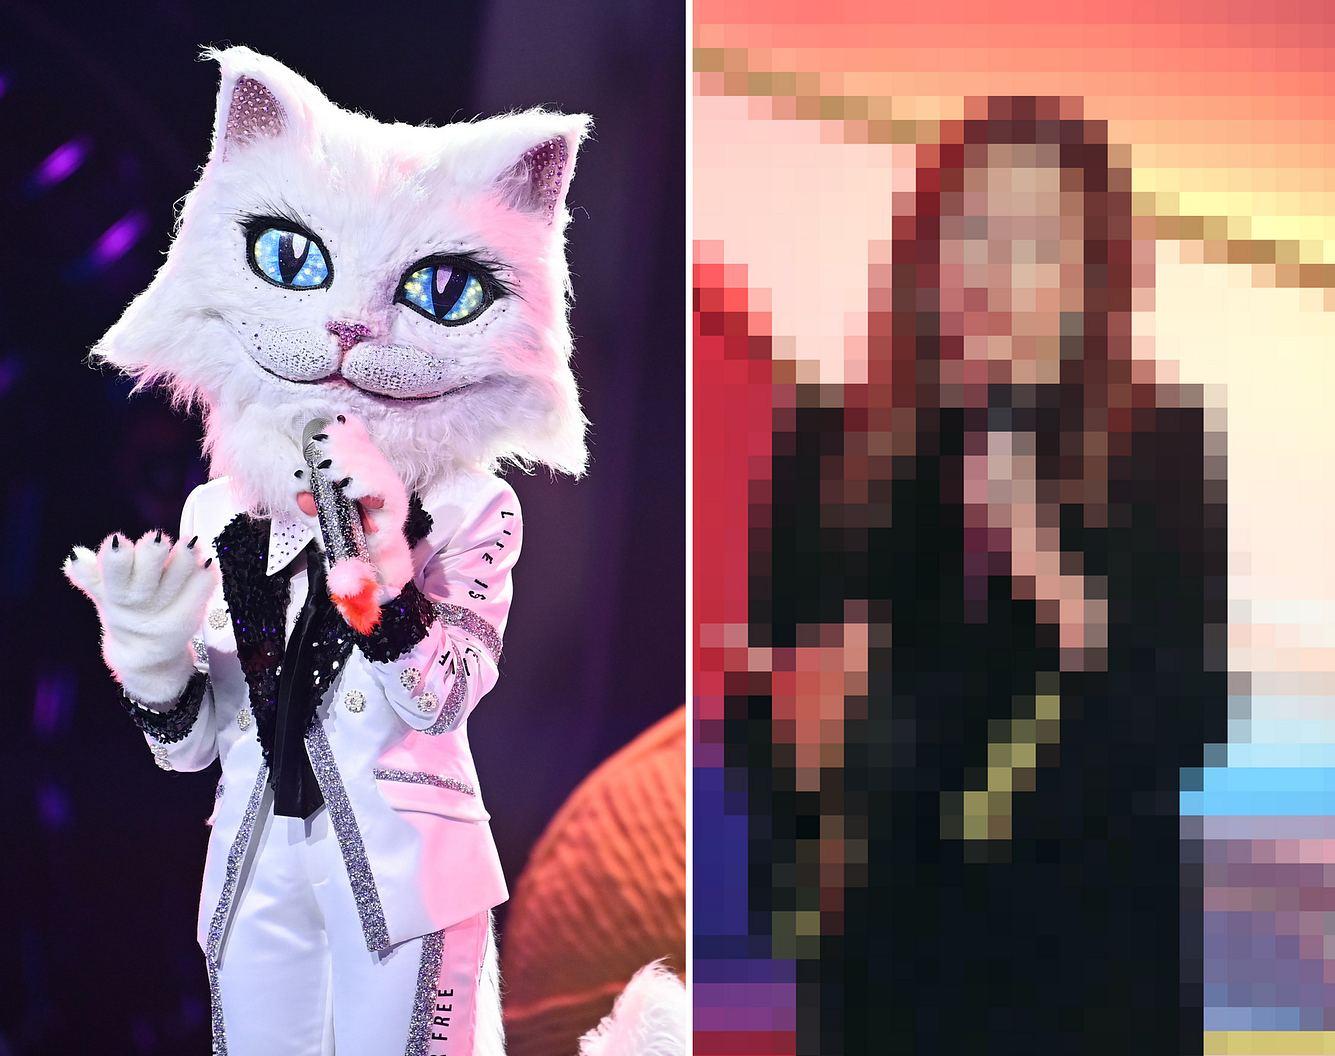 Die Katze bei 'Masked Singer' ist eine bekannte Schlagersängerin.